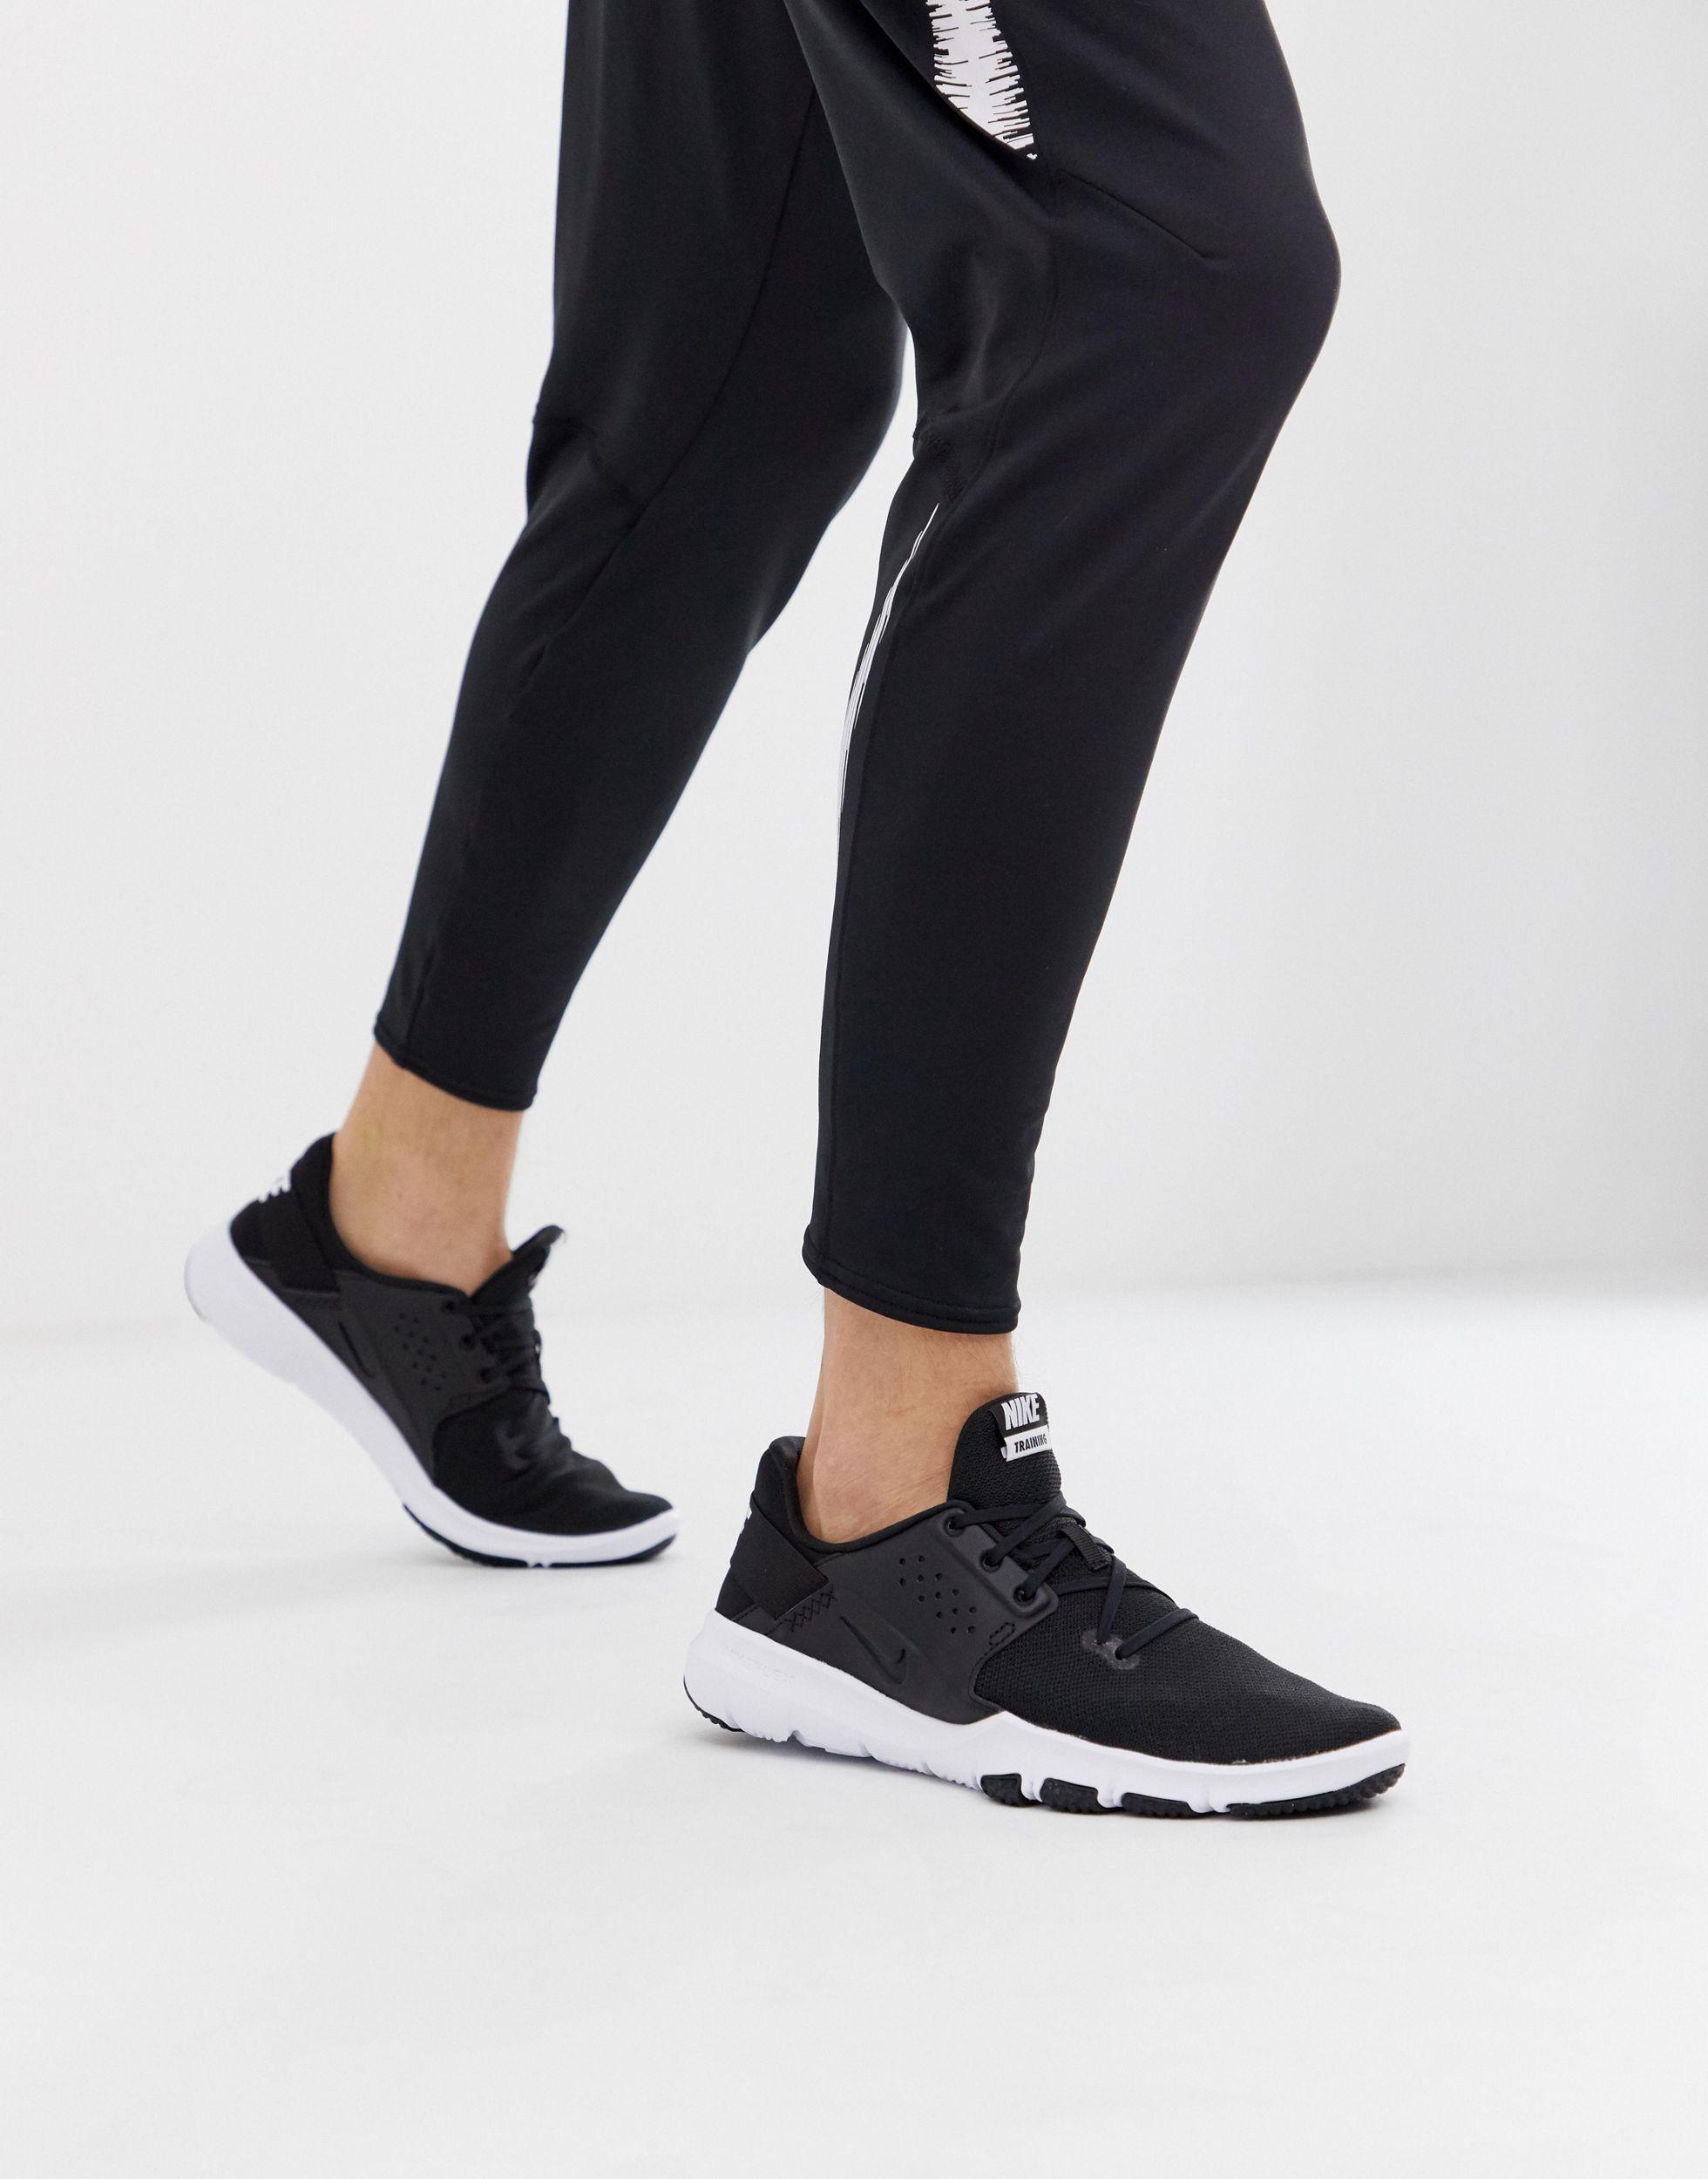 Zapatillas negras Flex Control Nike de color Negro